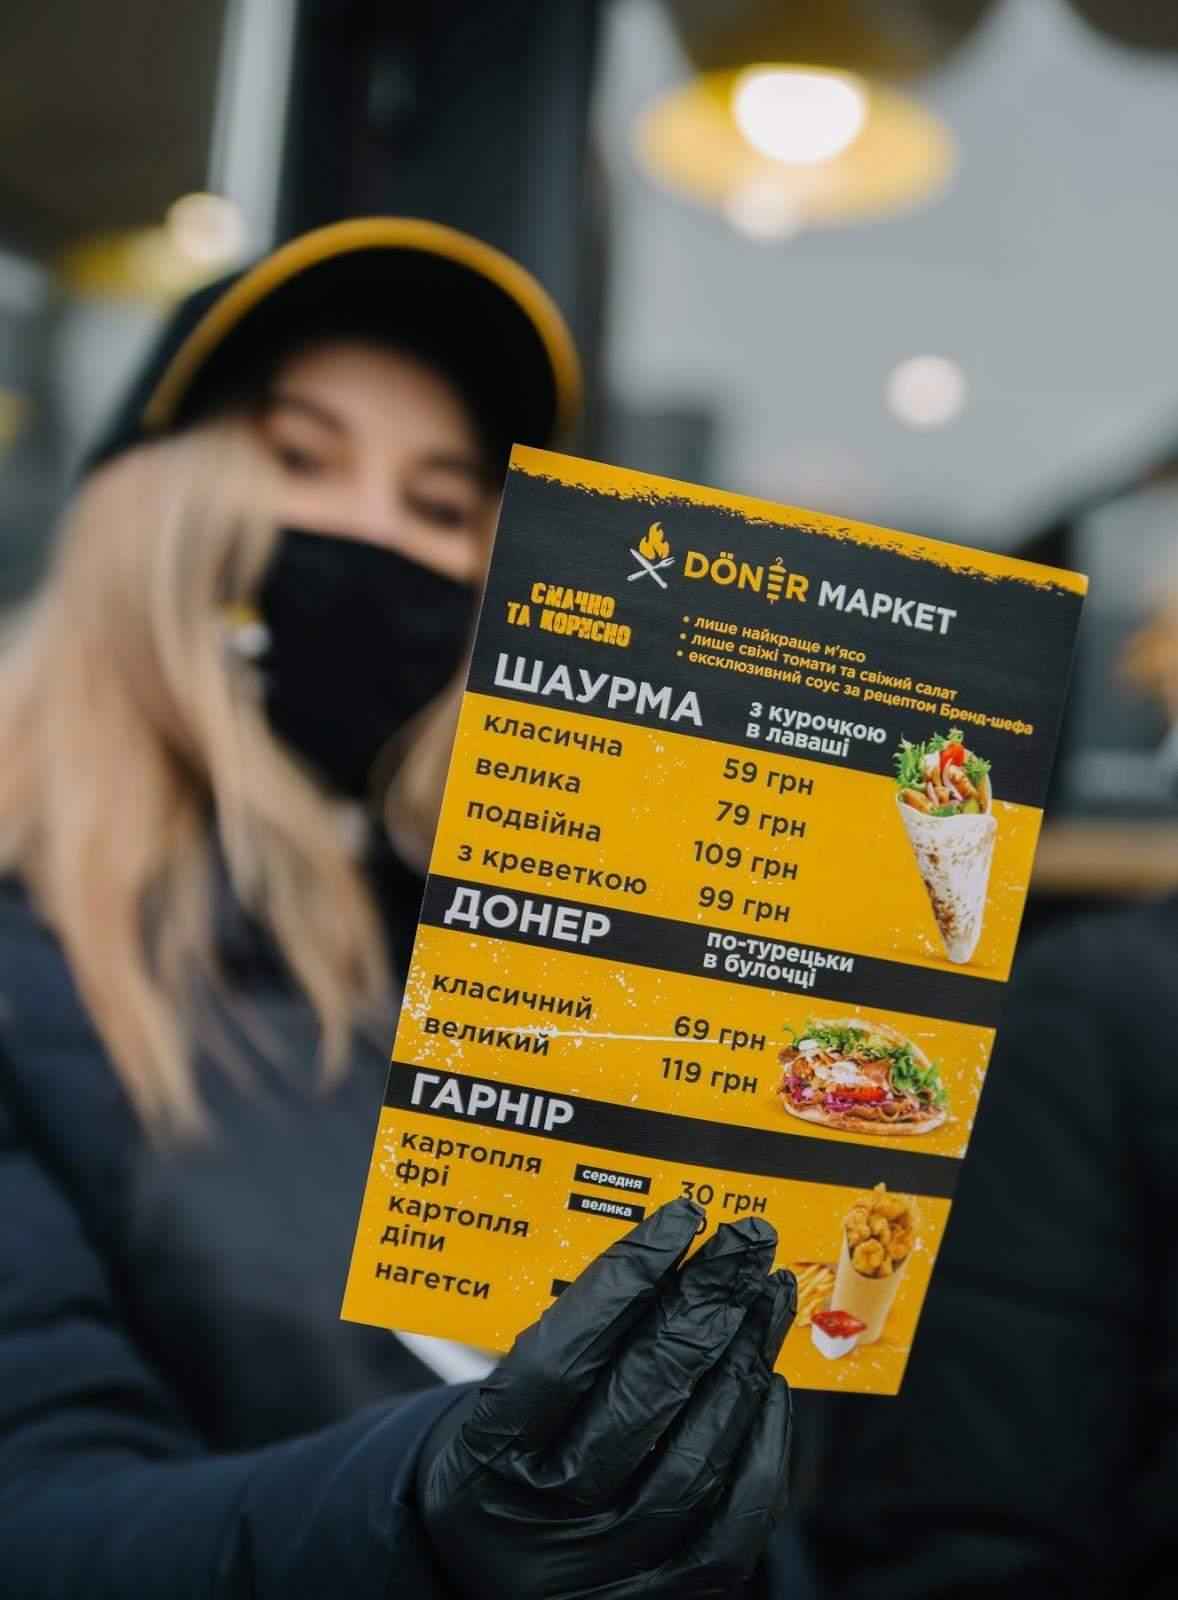 Страви у Döner Market готуються не лише за власною рецептурою